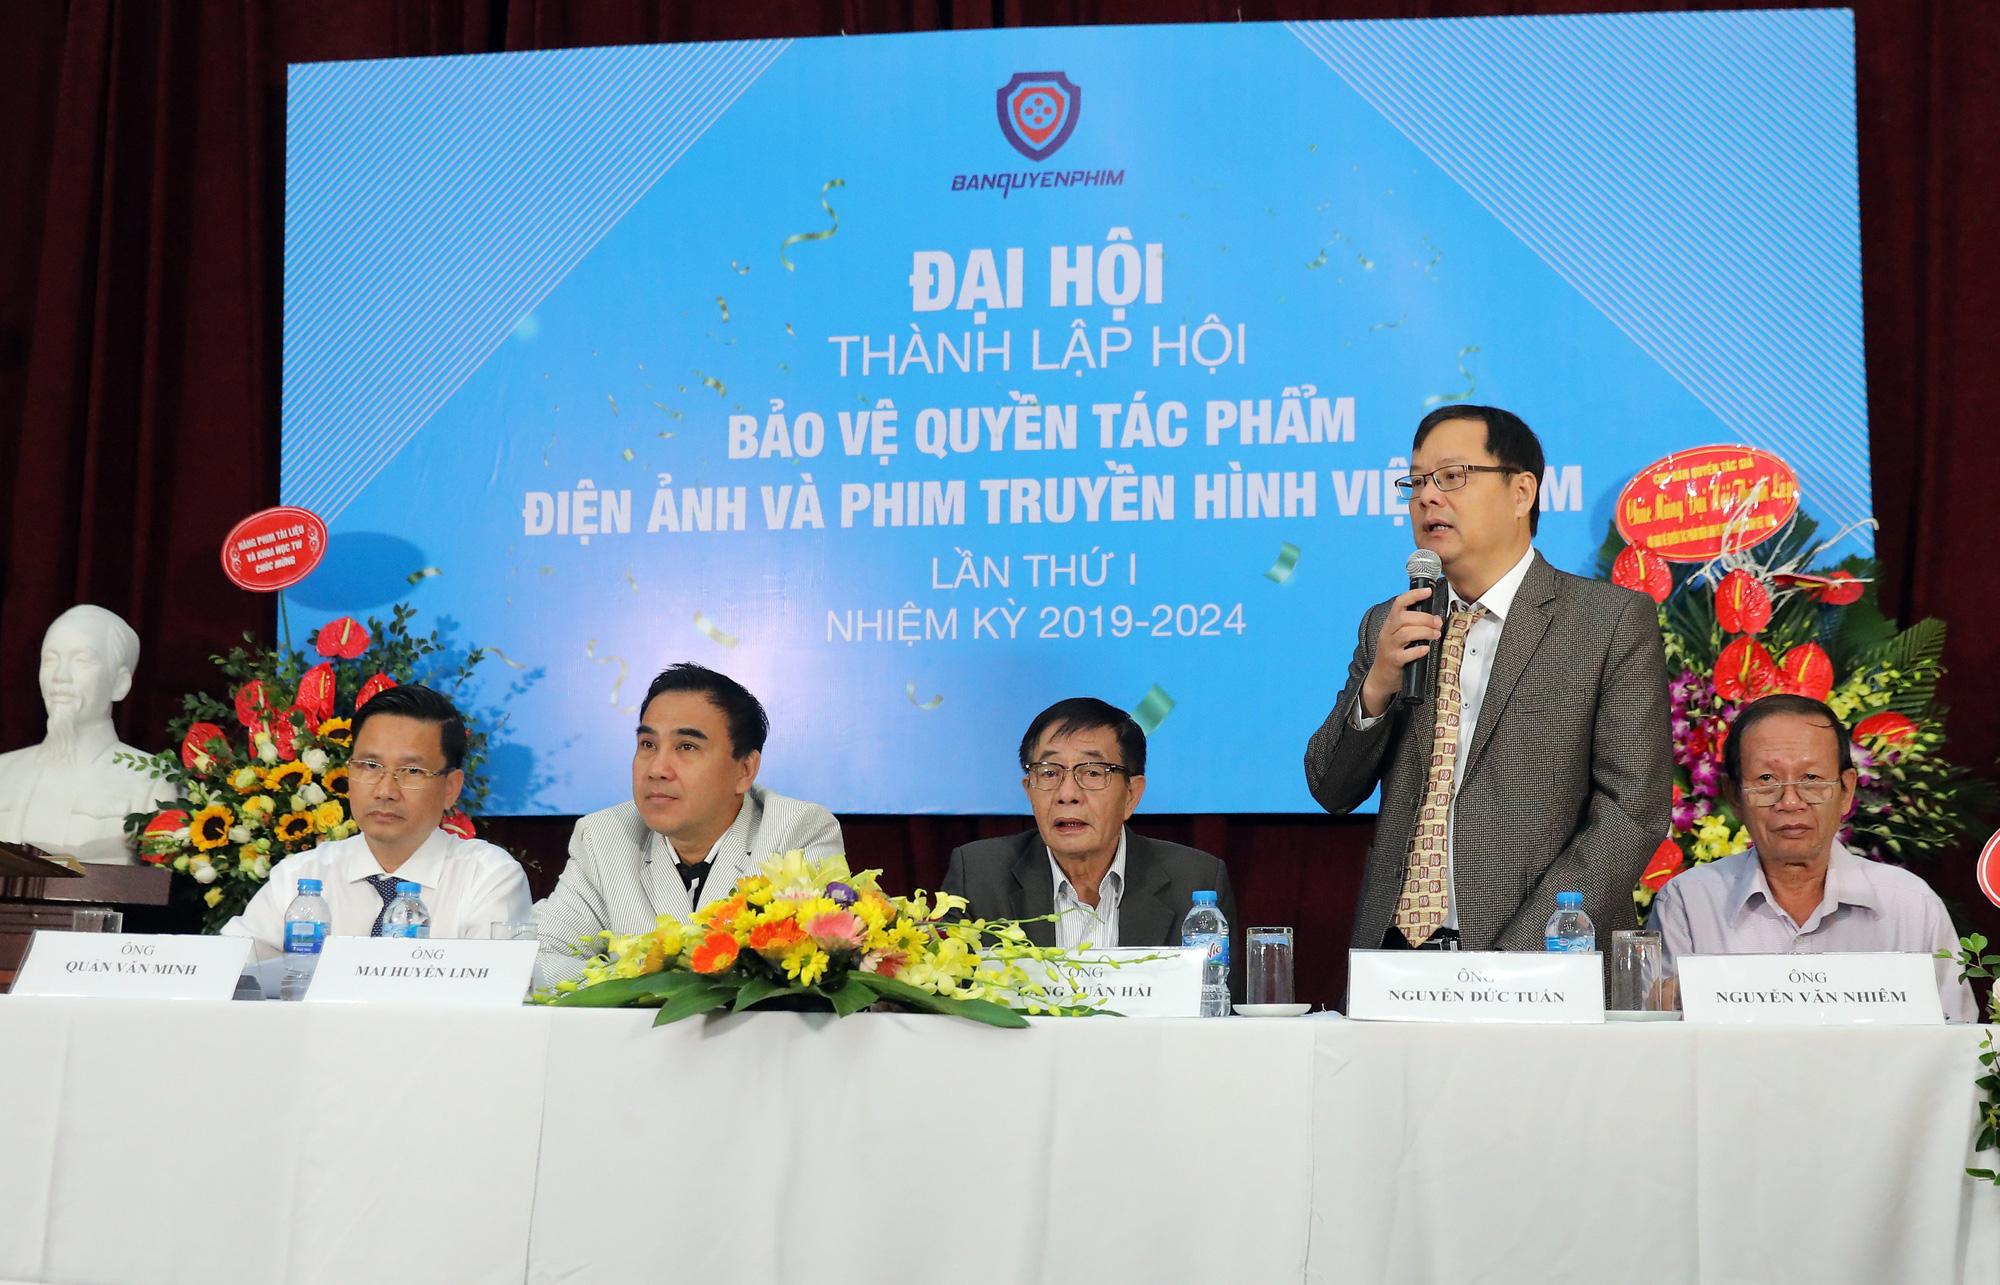 Thành lập Hội Bảo vệ quyền tác phẩm điện ảnh và phim truyền hình Việt Nam - Ảnh 1.